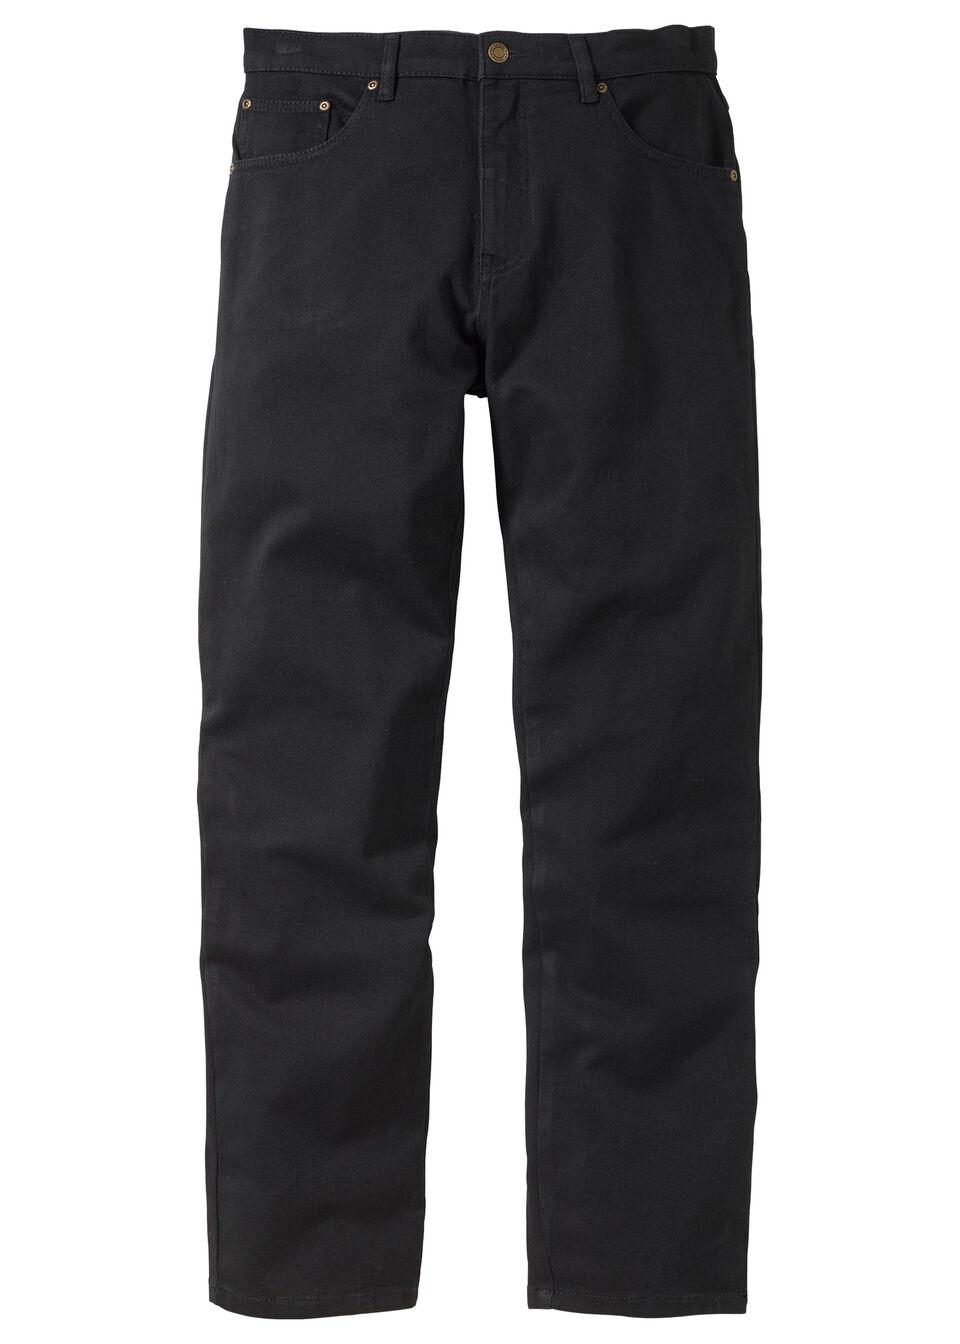 Jeanși stretch Classic Fit, drepţi bonprix